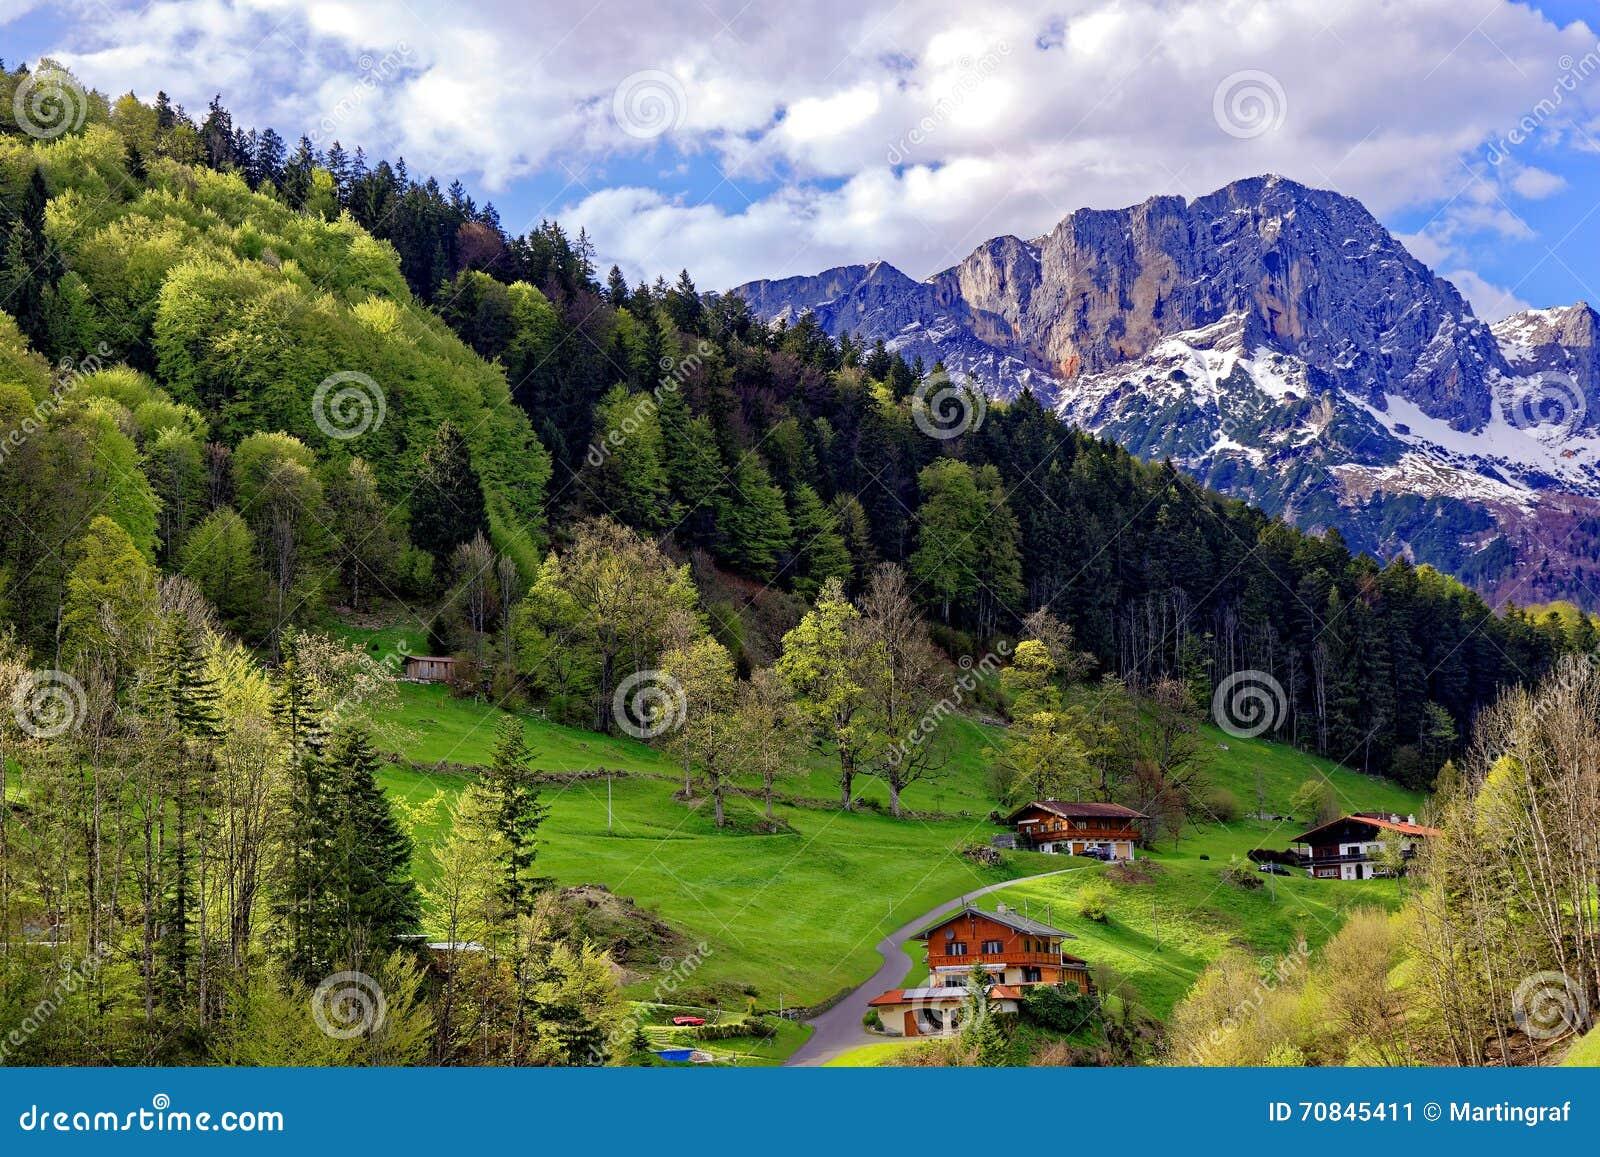 Hemman i sceniskt landskap på den Untersberg massiven